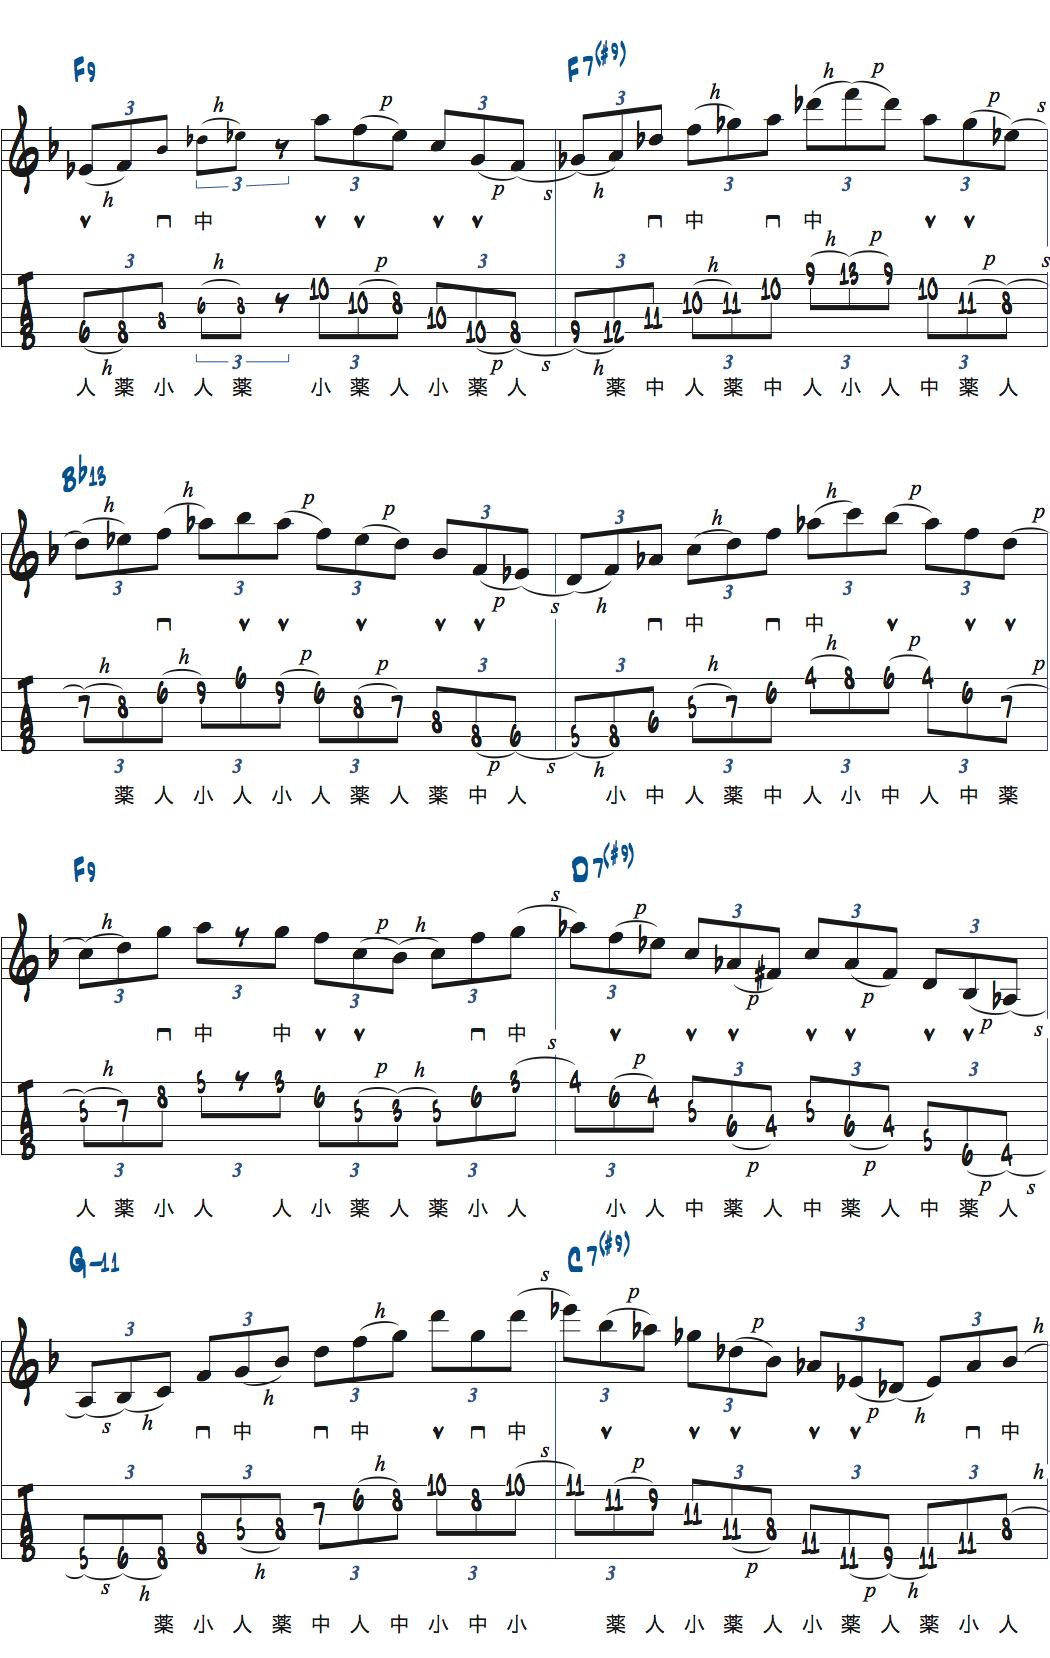 ティム・ミラーのハイブリッド・ピッキングを使ったブルースでのアドリブ2コラース目2ページ目楽譜